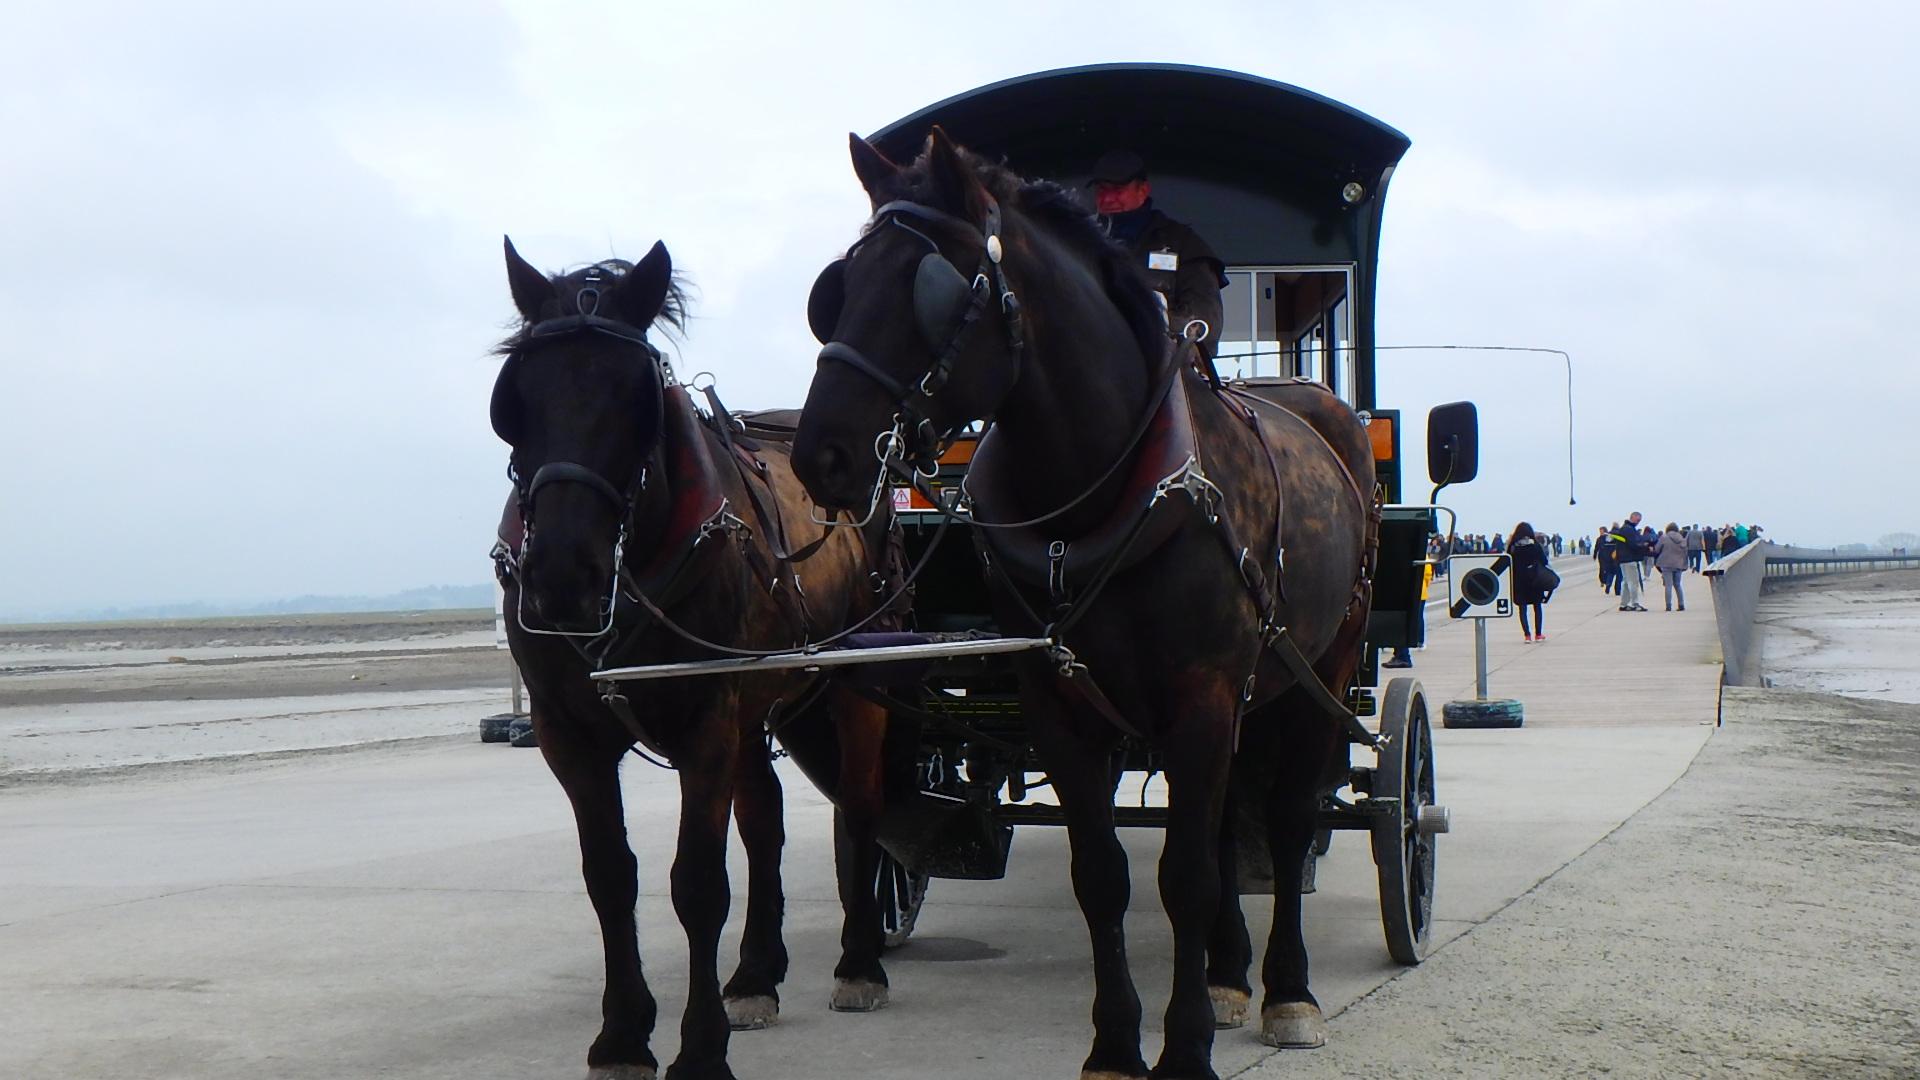 モンサンミッシェル対岸移動の馬車が格好いい